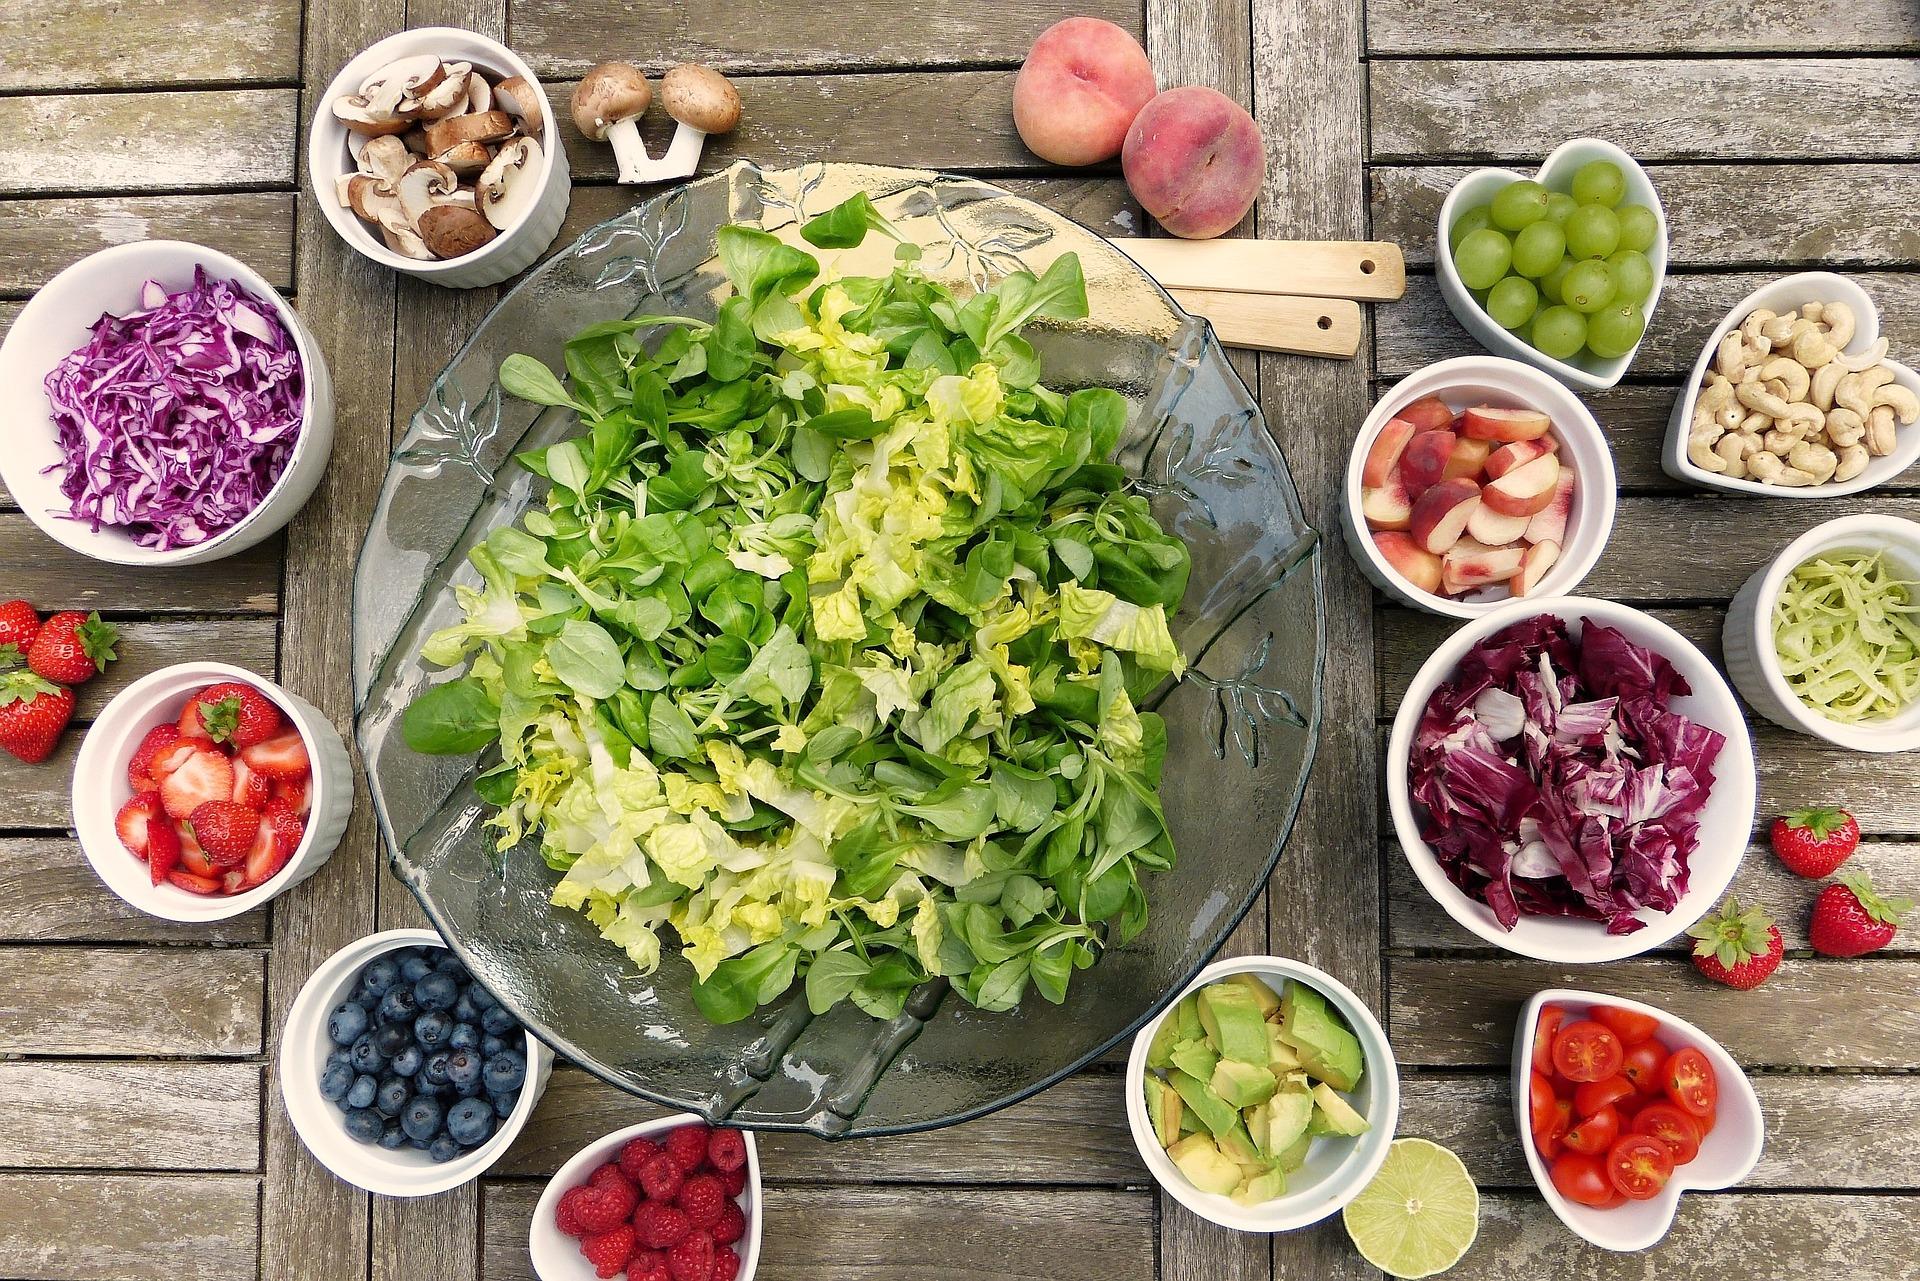 salad-2756467_1920.jpg